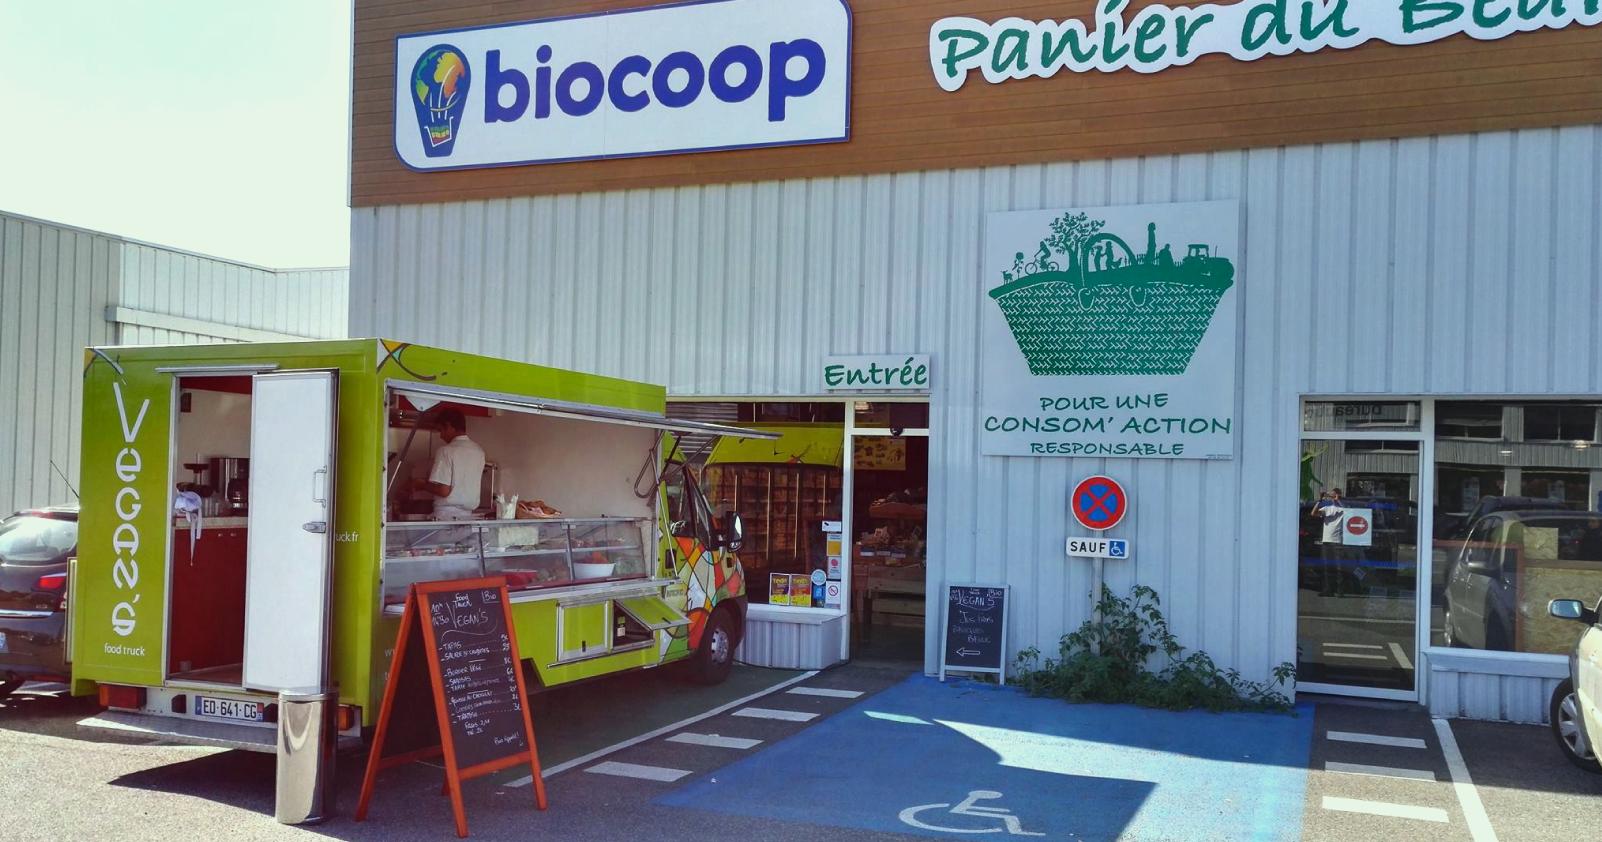 biocoop-pau-vegans-food-truck-01